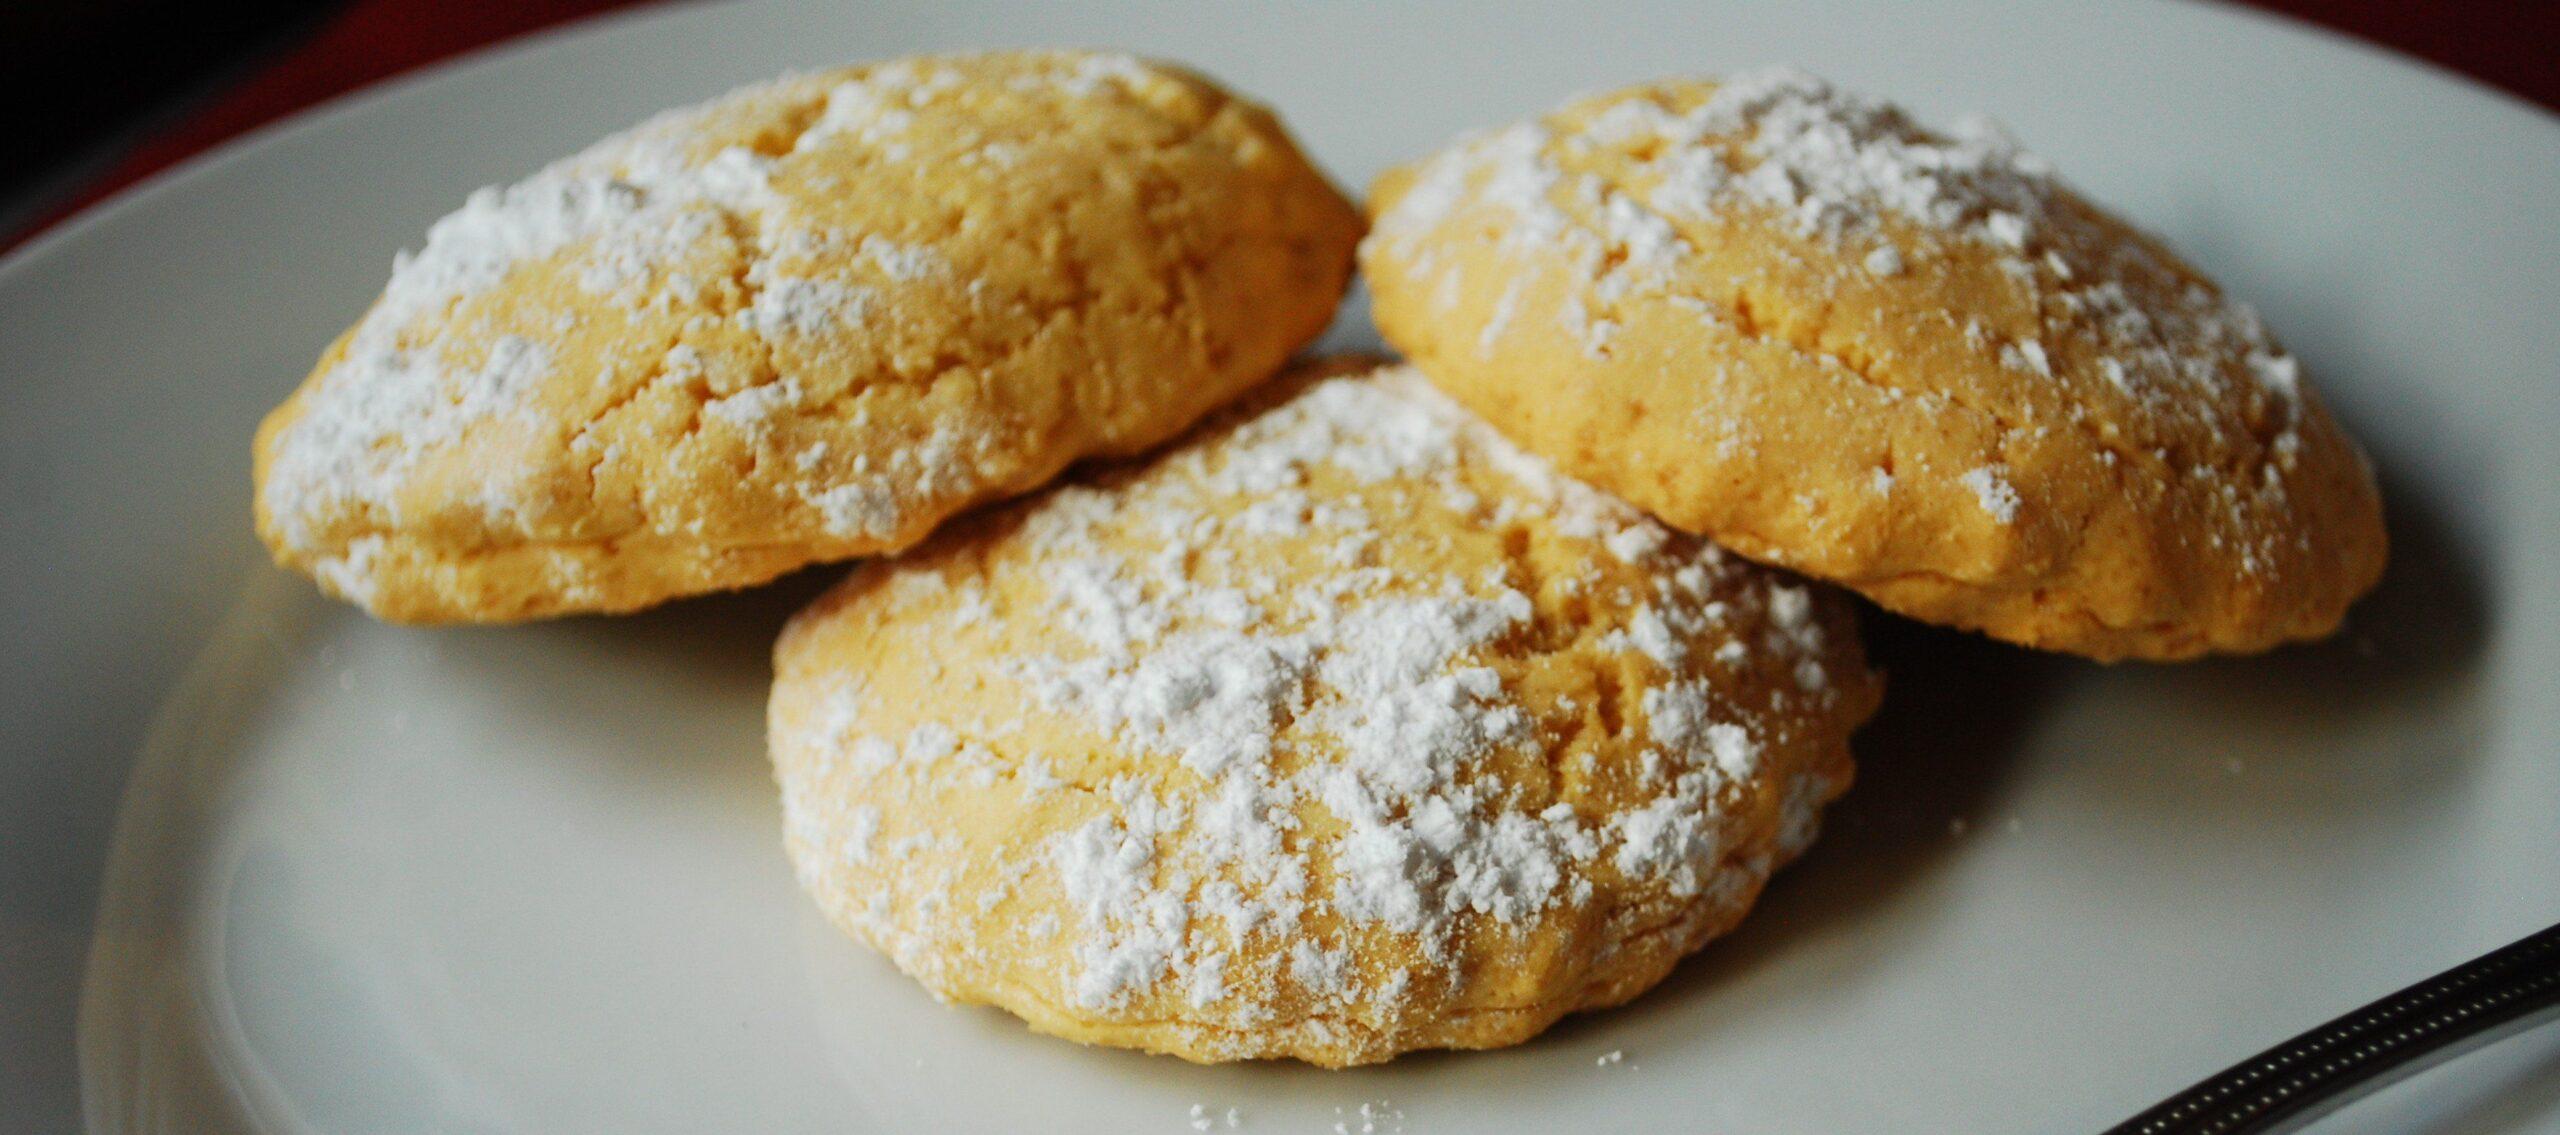 Biscotti ripieni di marmellata per la colazione e la merenda